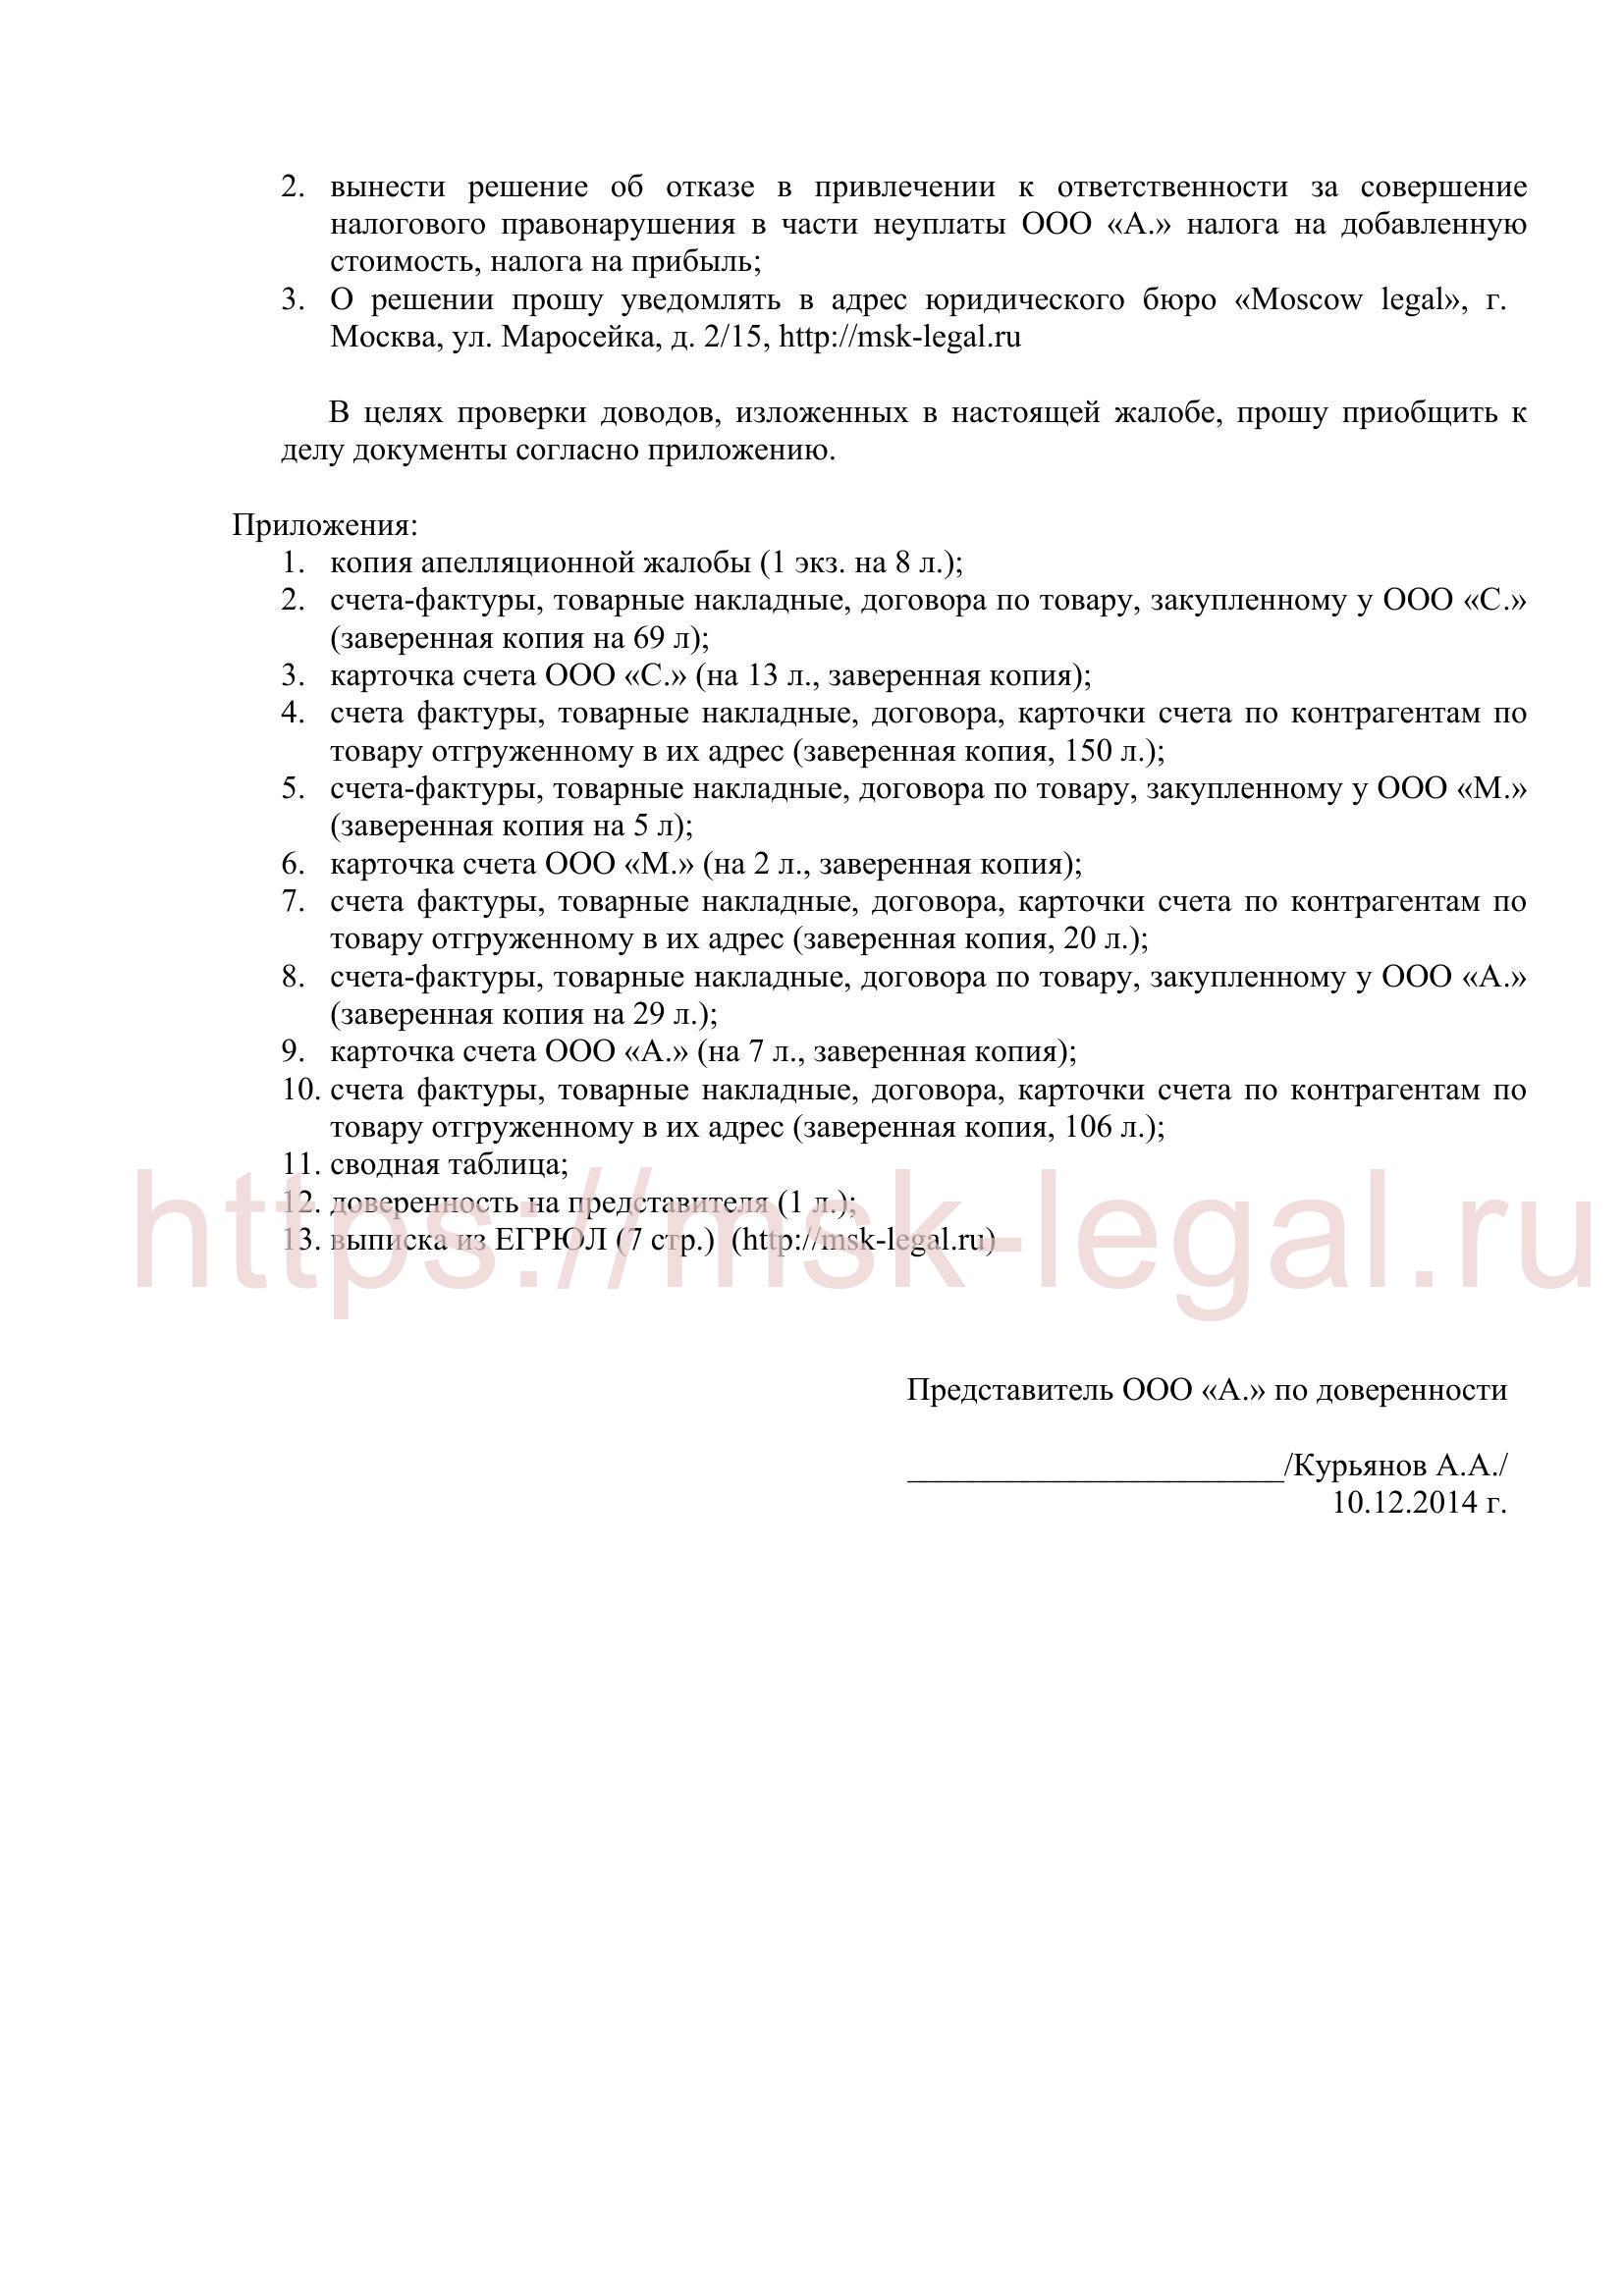 Апелляционная жалоба на решение налоговой по НДС